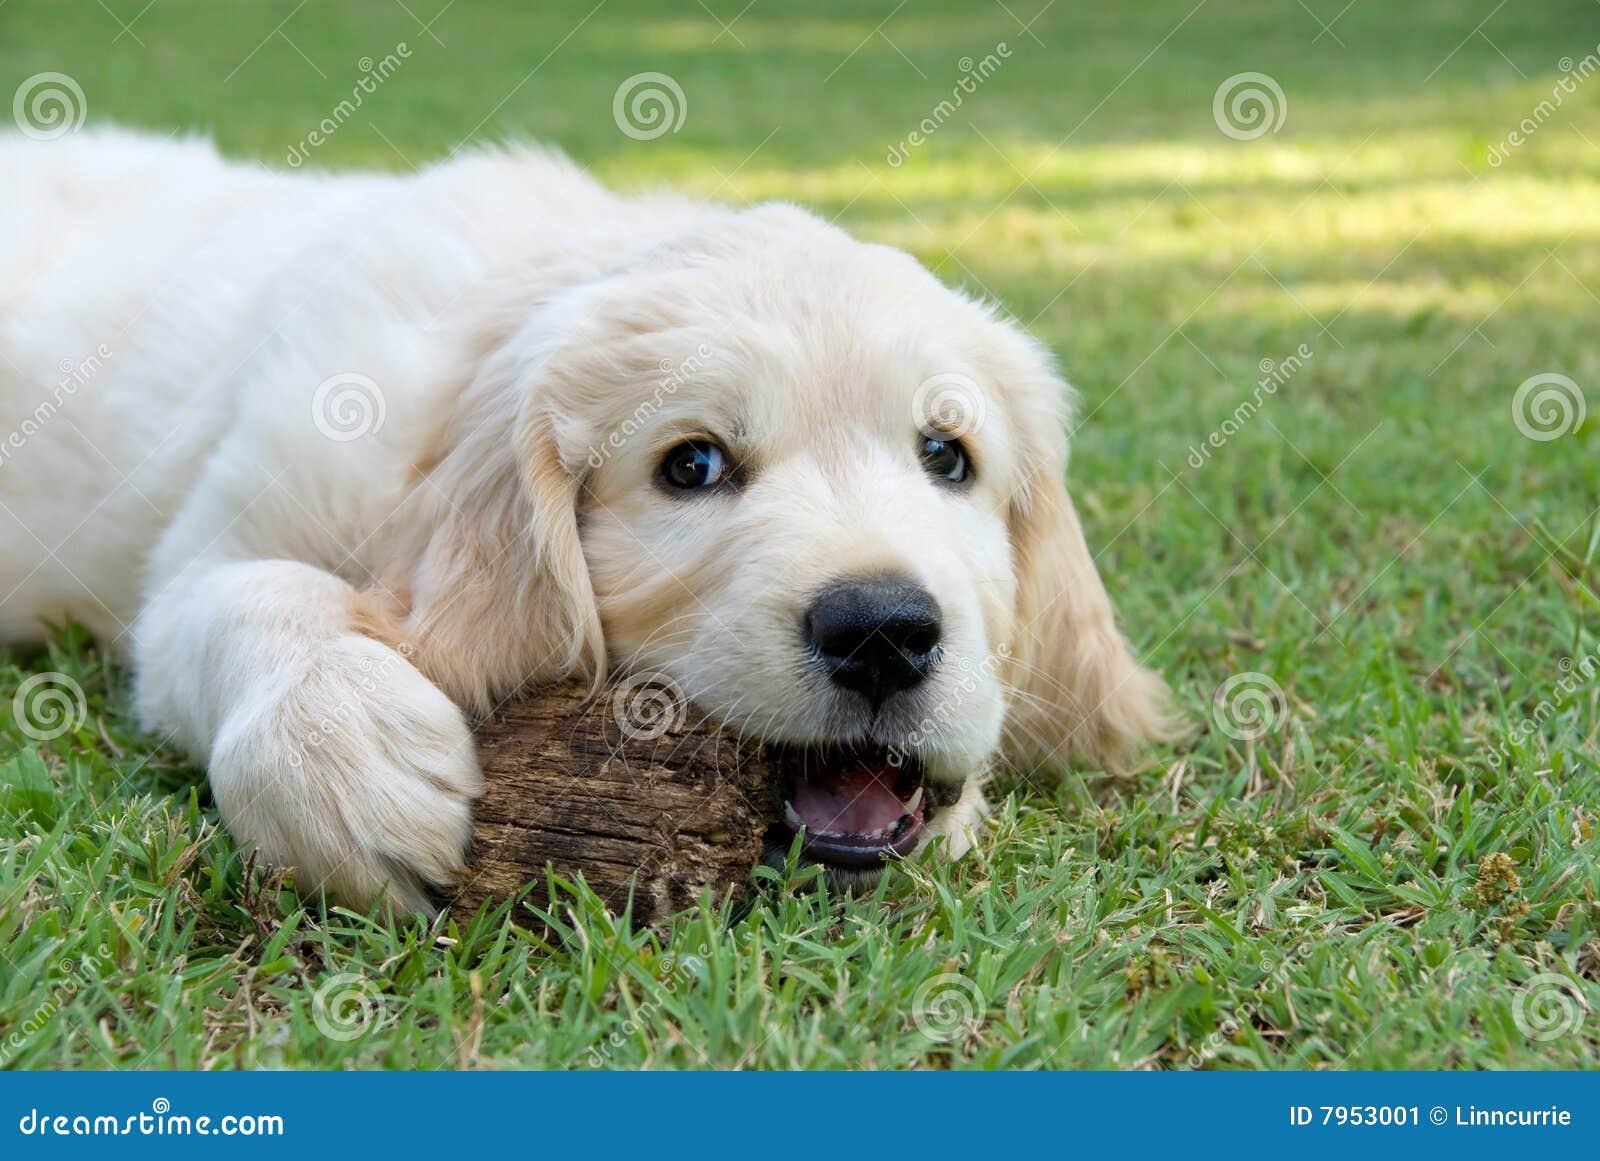 Perrito de gr del perro perdiguero de oro en jard n imagen for Ahuyentar perros del jardin